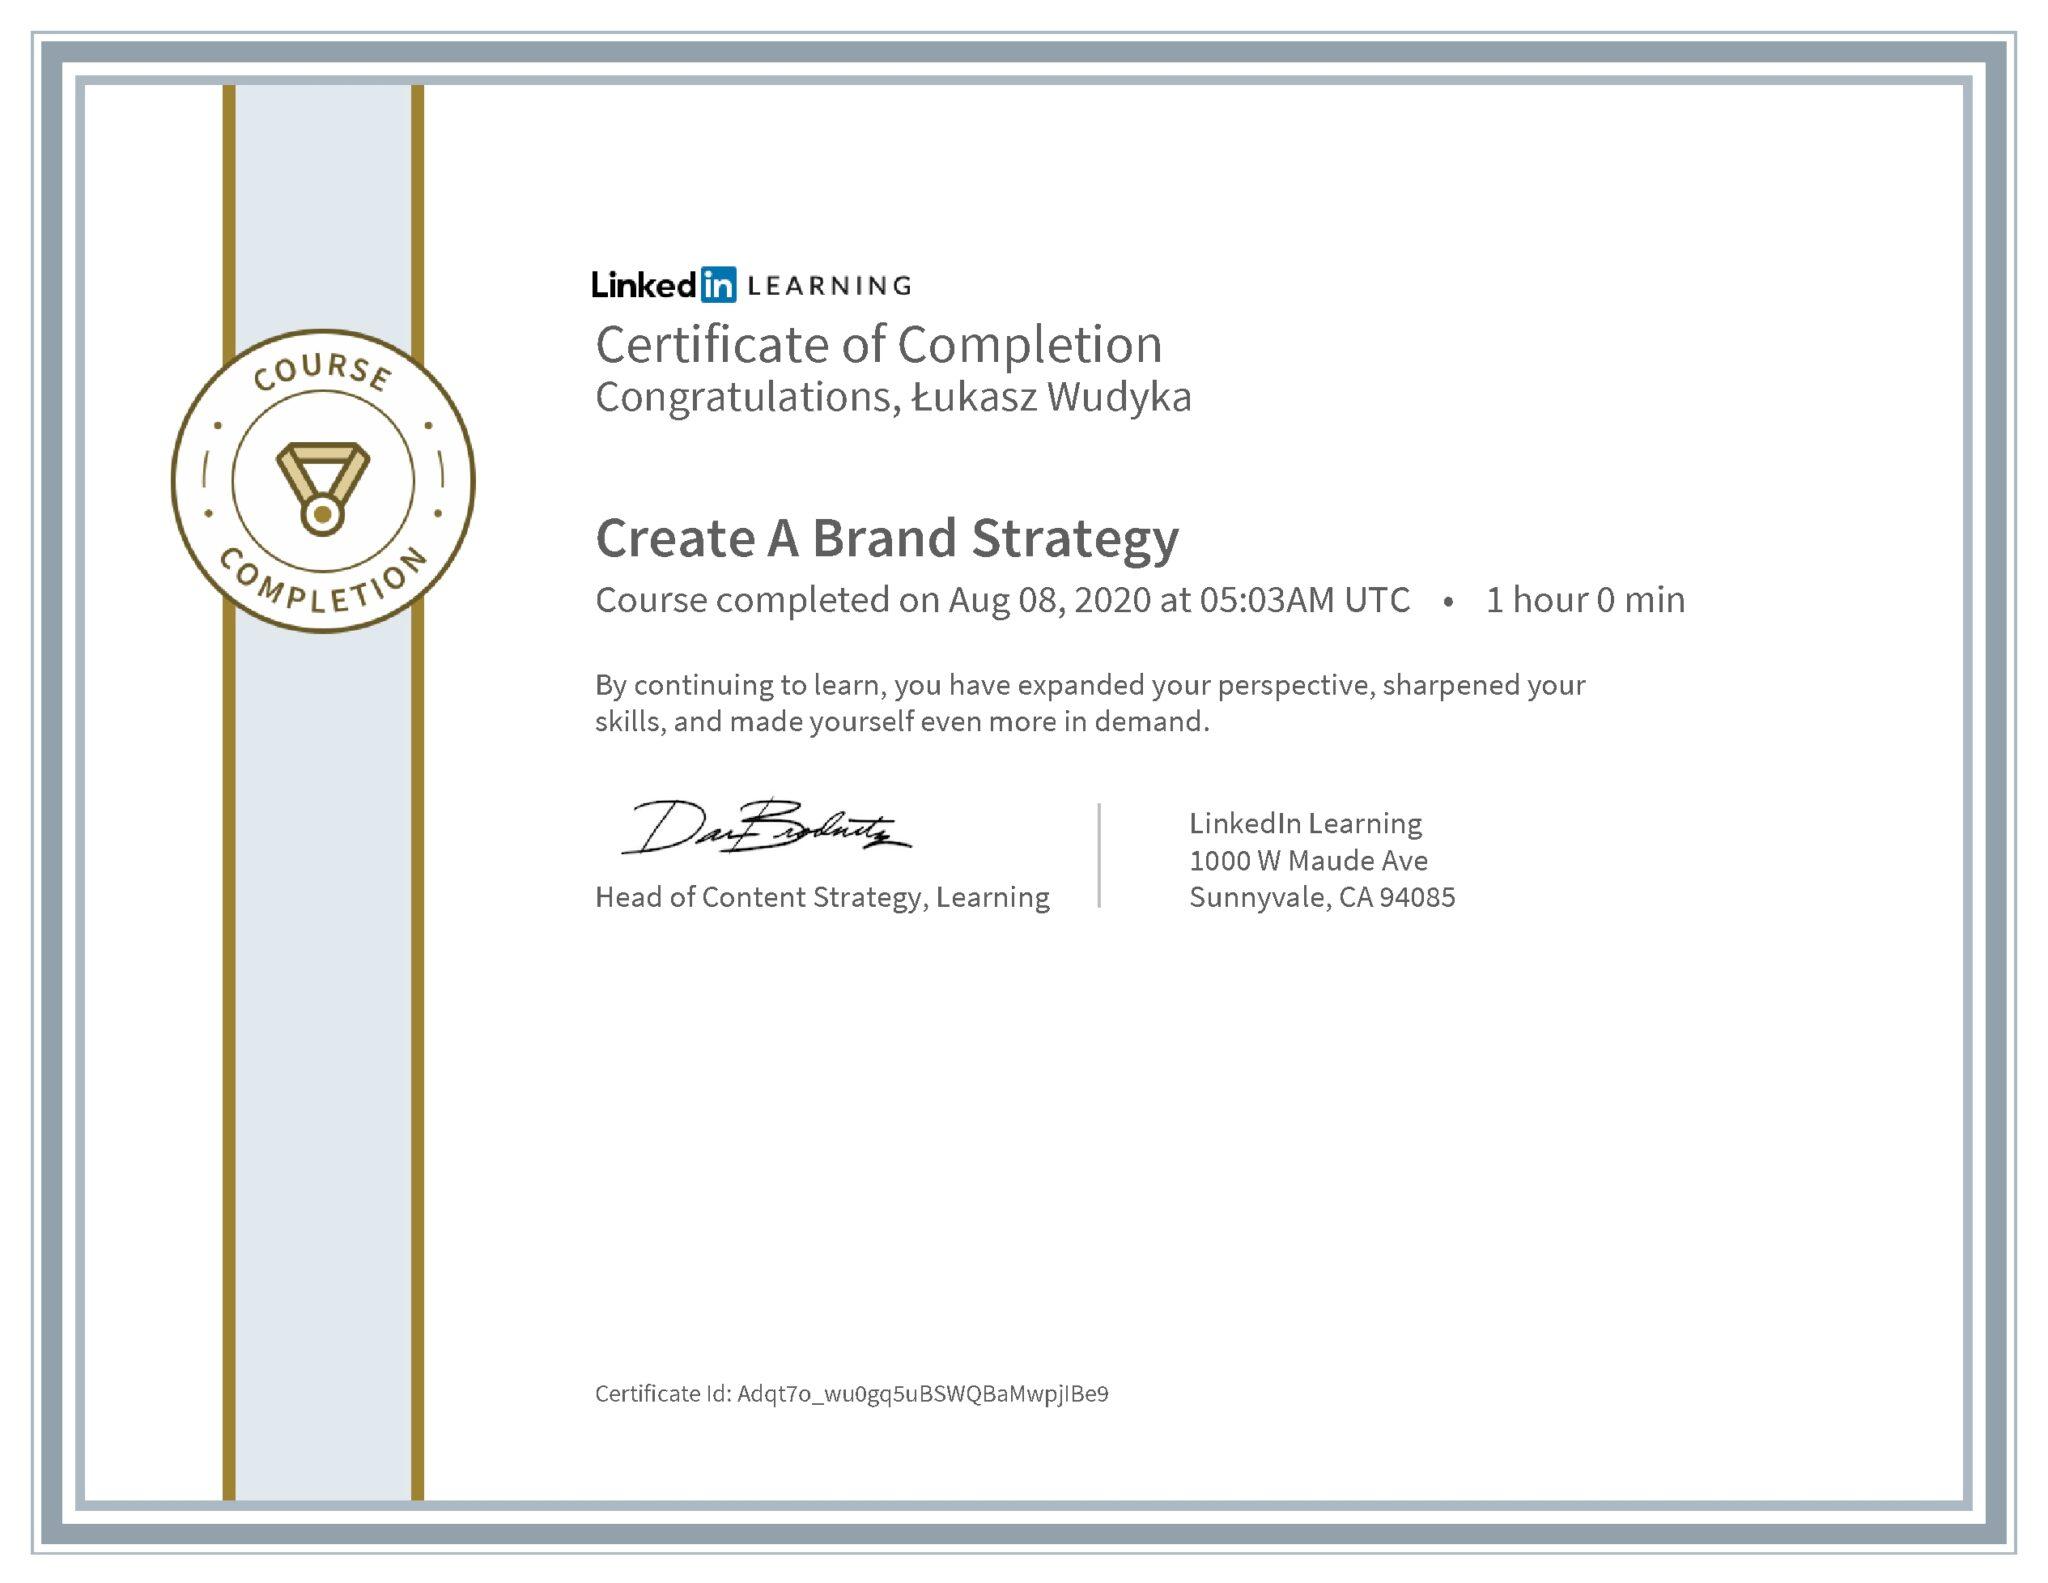 Łukasz Wudyka certyfikat LinkedIn Create A Brand Strategy